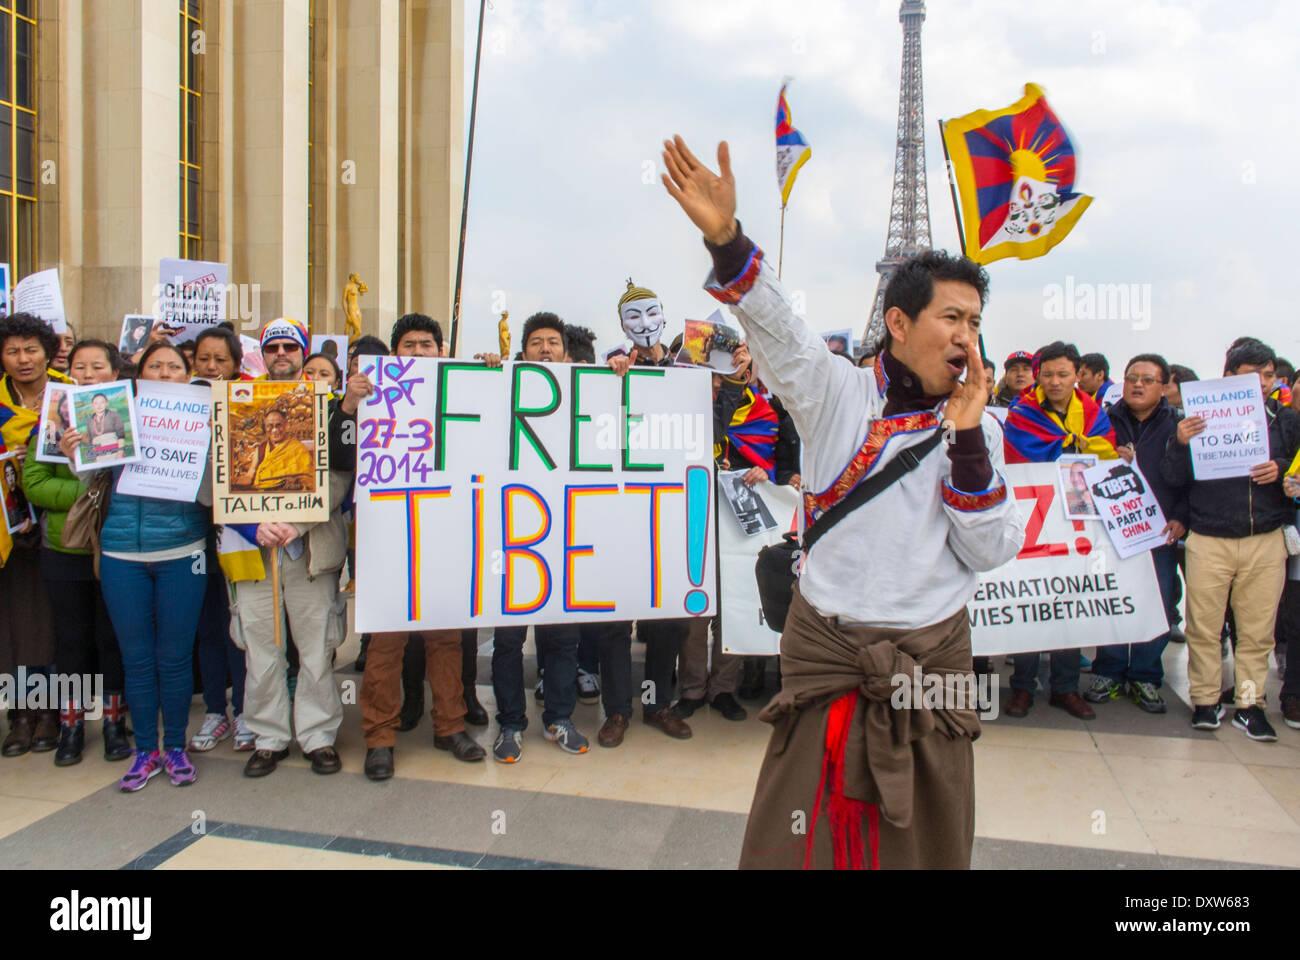 Multitud de Tibetanos, Taiwaneses, Comunidades Étnicas de Francia, Migrantes y Amigos pidieron que los ciudadanos franceses se movilizaran durante la visita del Presidente chino en París, sosteniendo señales de protesta, hombres refugiados Foto de stock